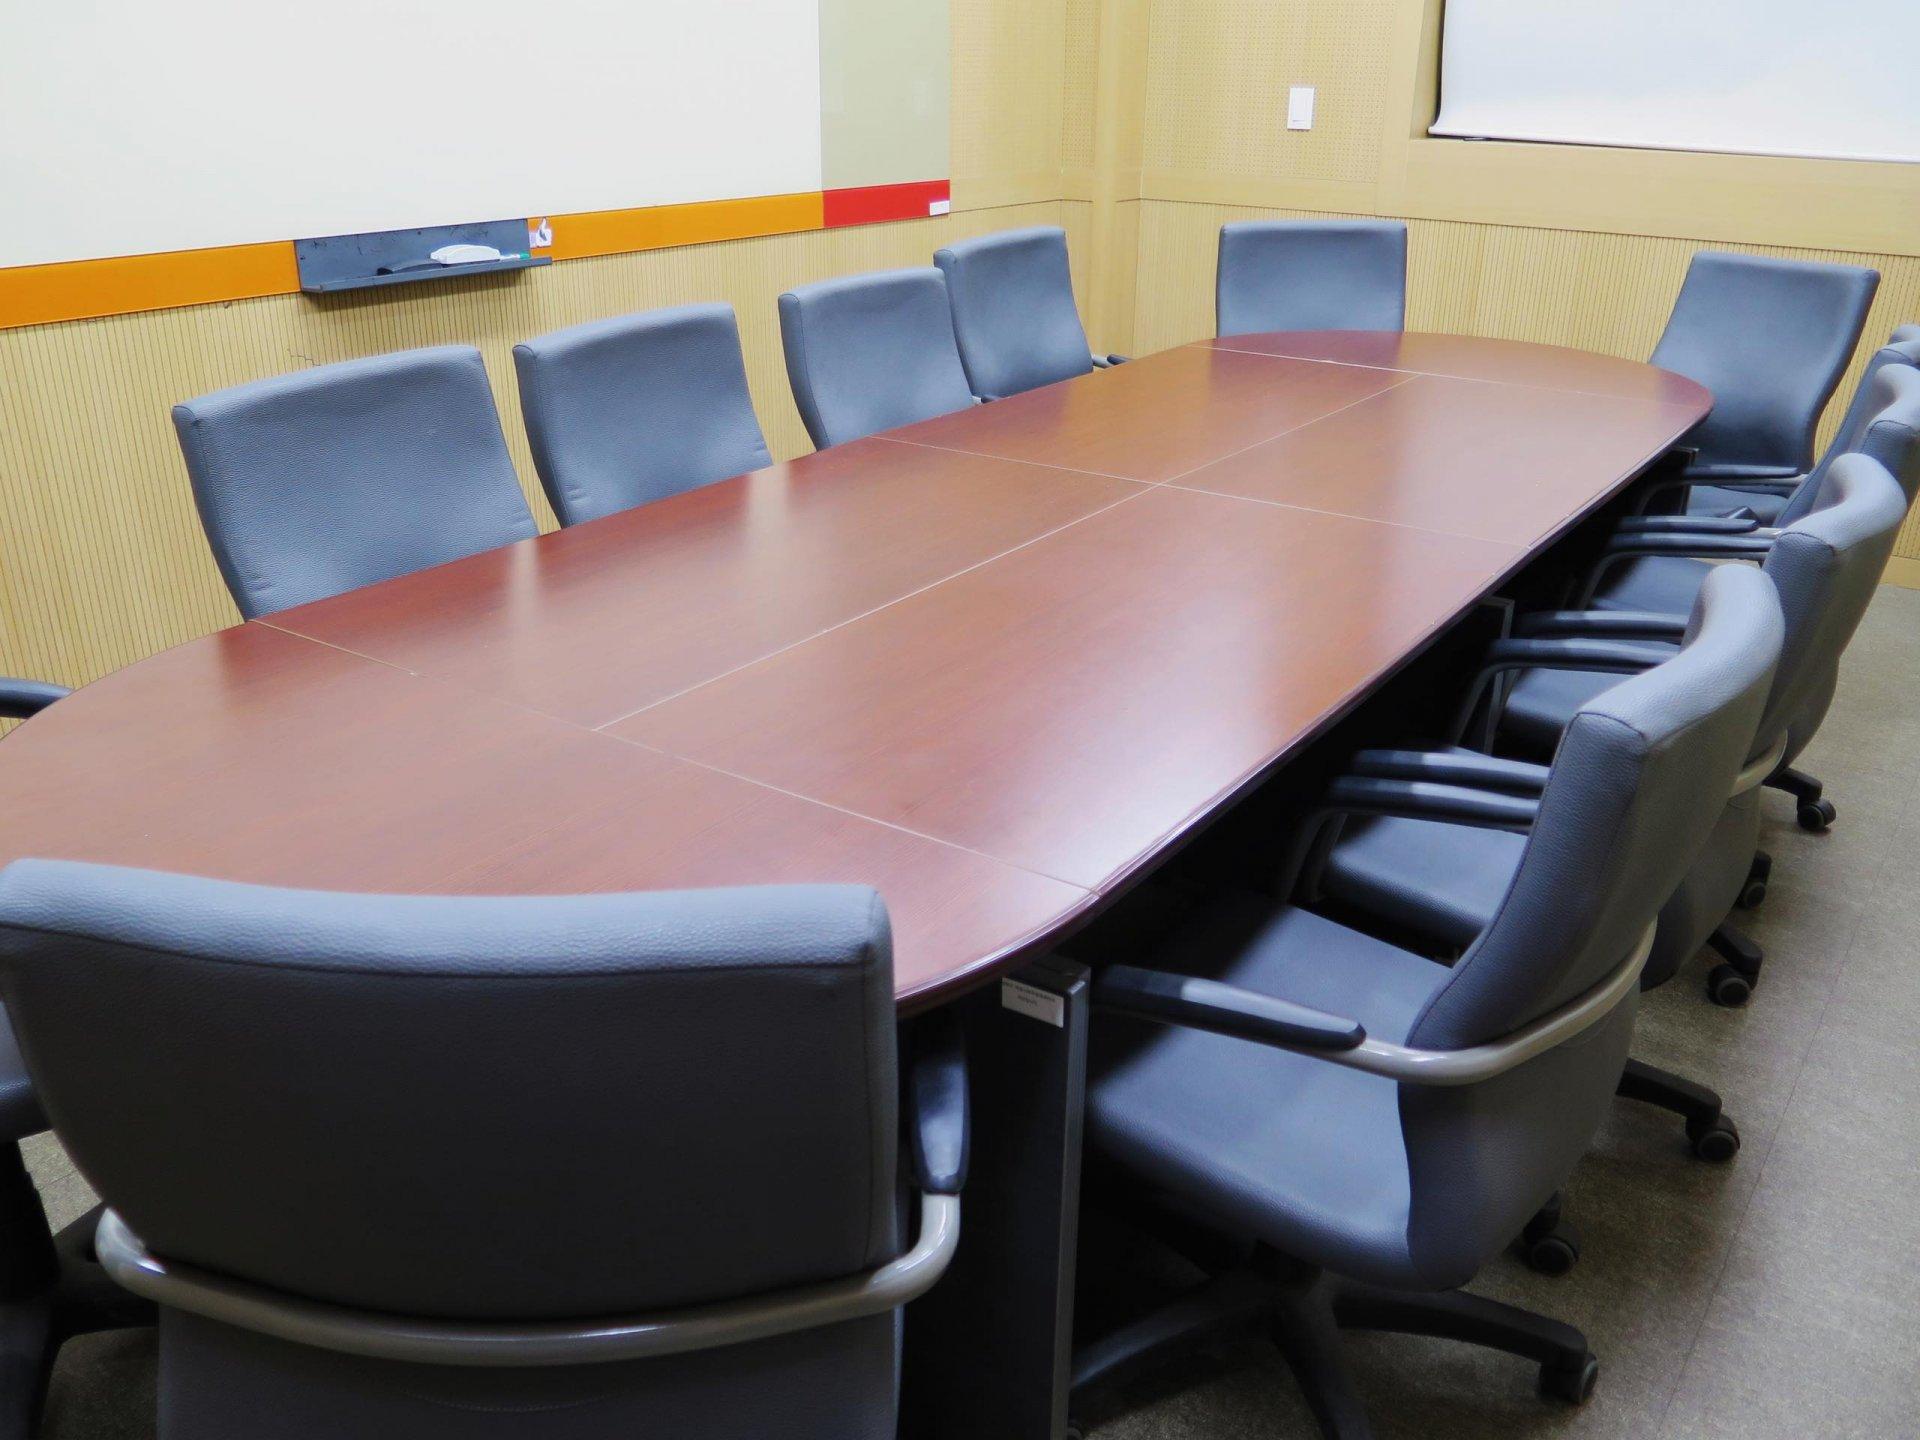 긴 책상을 주변으로 의자가 둘러쌓여진 작은 방의 사진